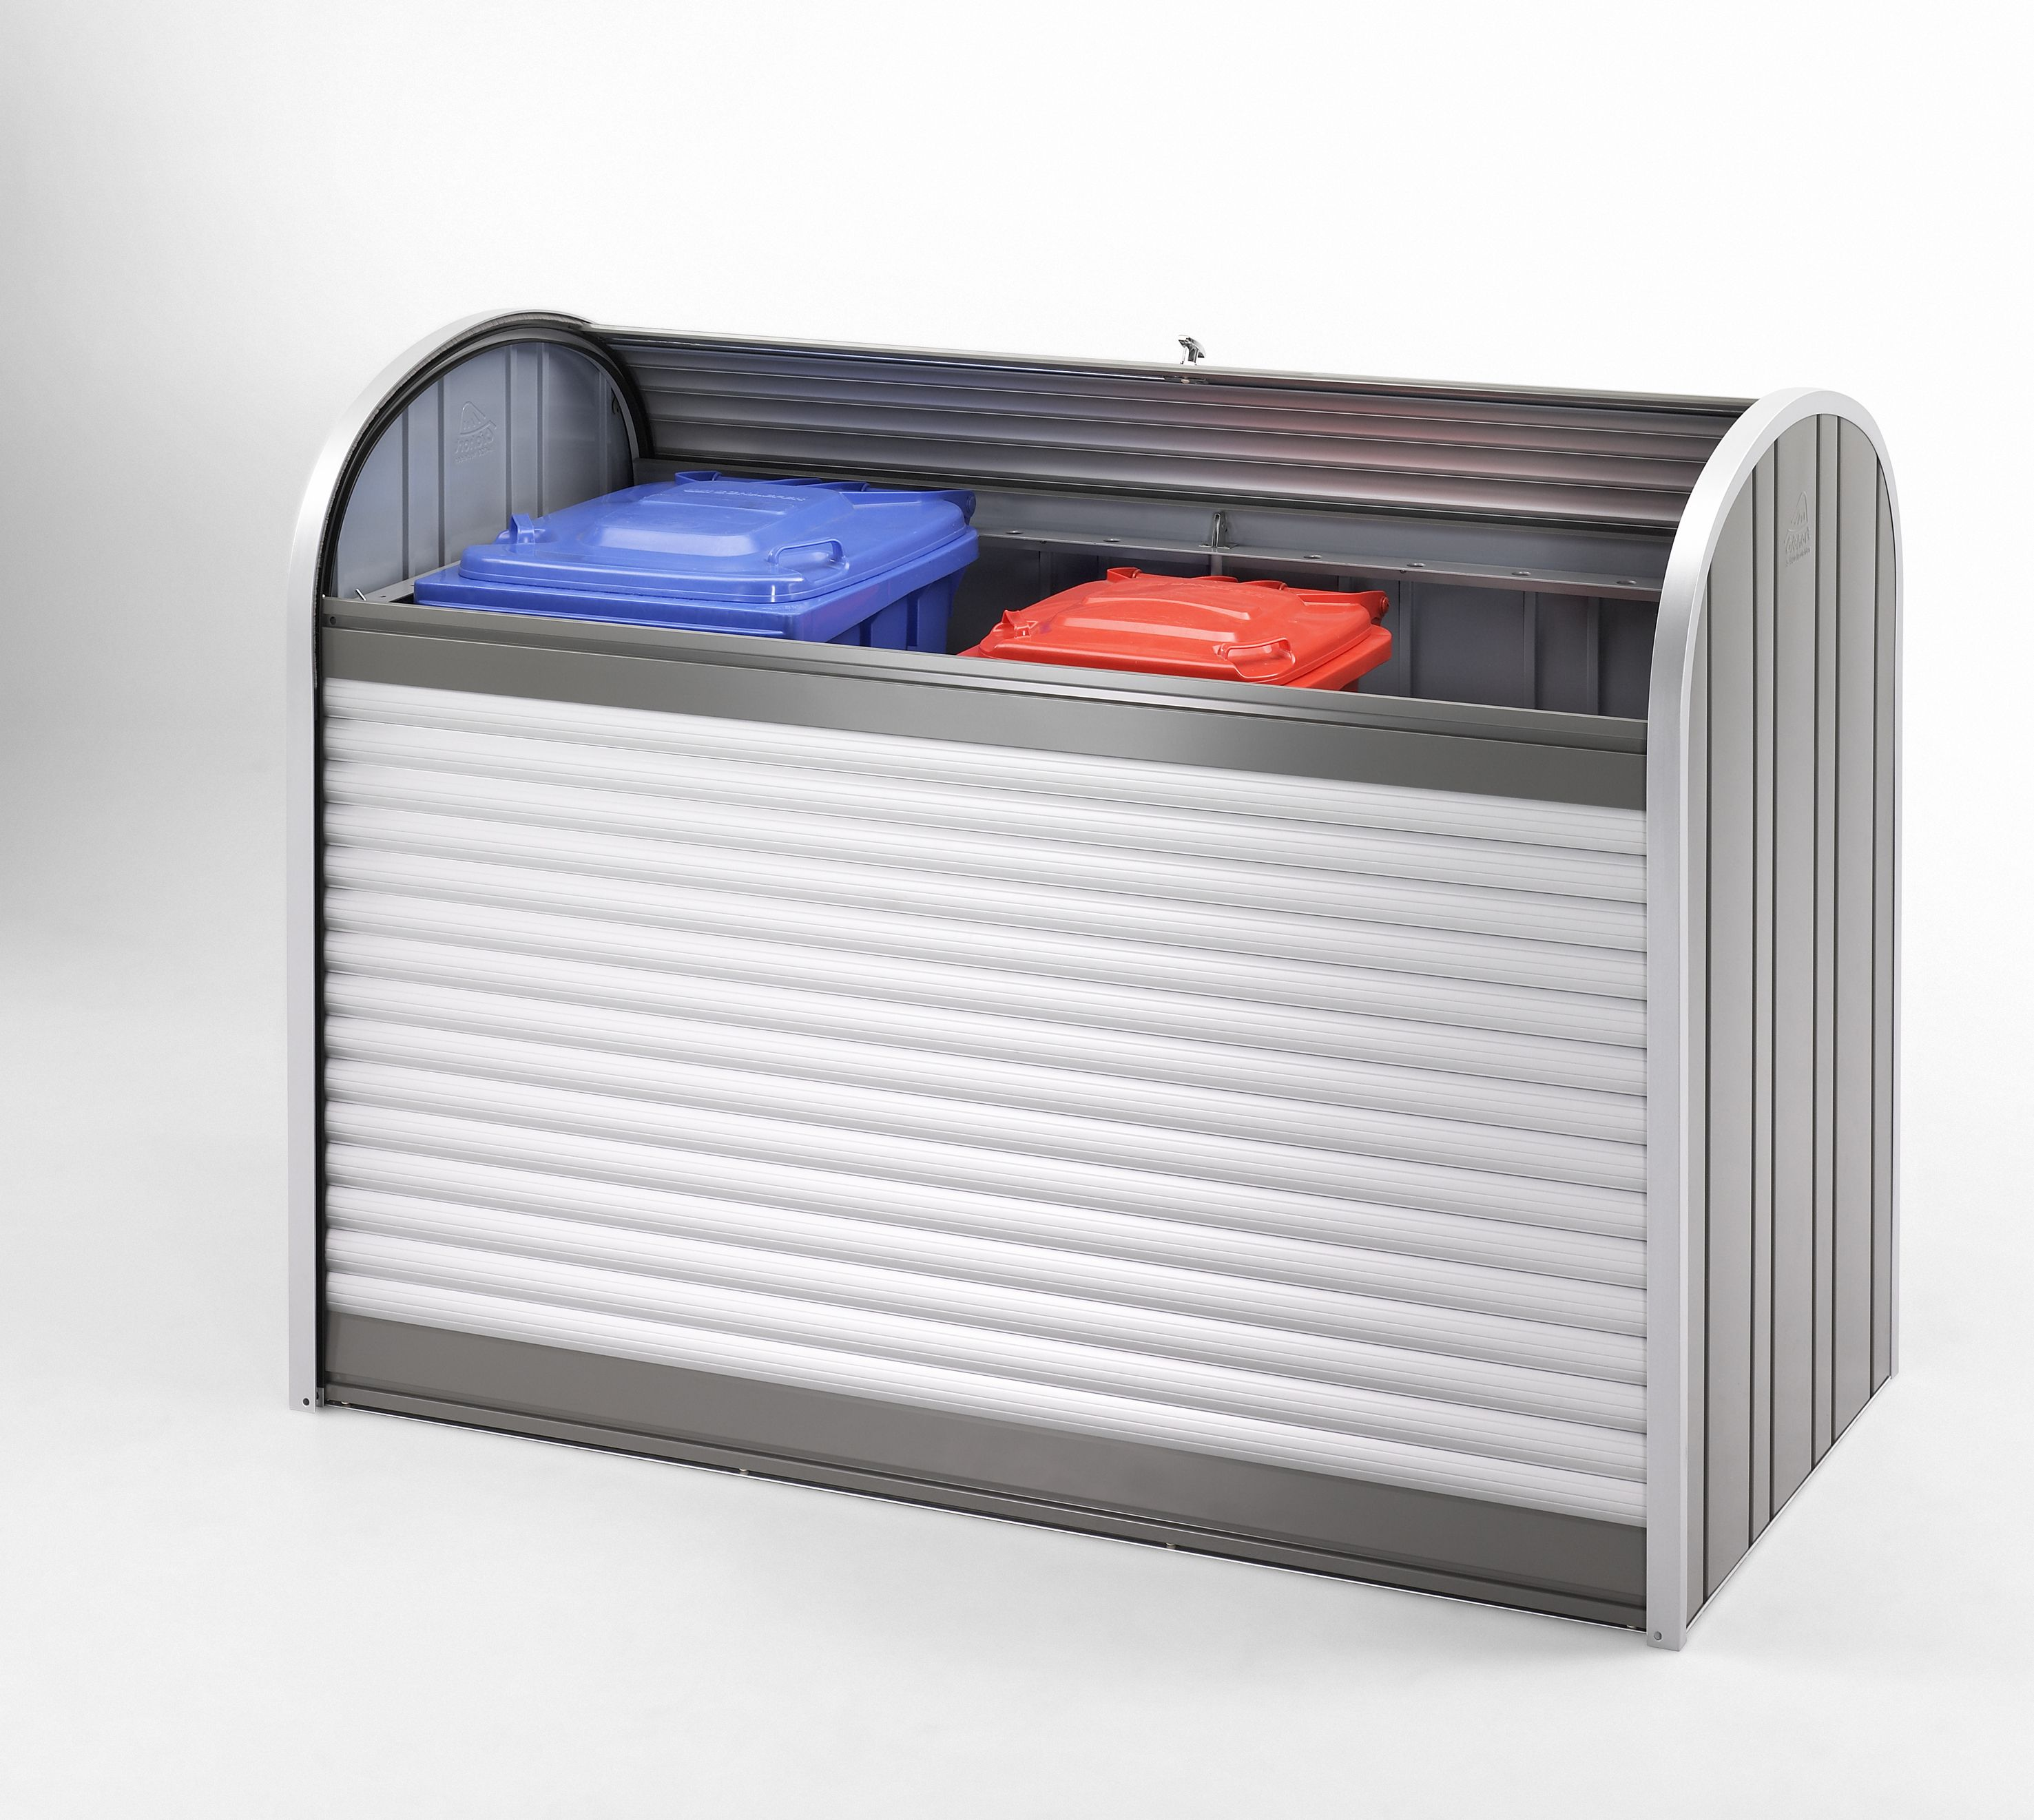 mülltonnenbox: im storemax 190 können 3 stk. 240l mülltonnen oder 3